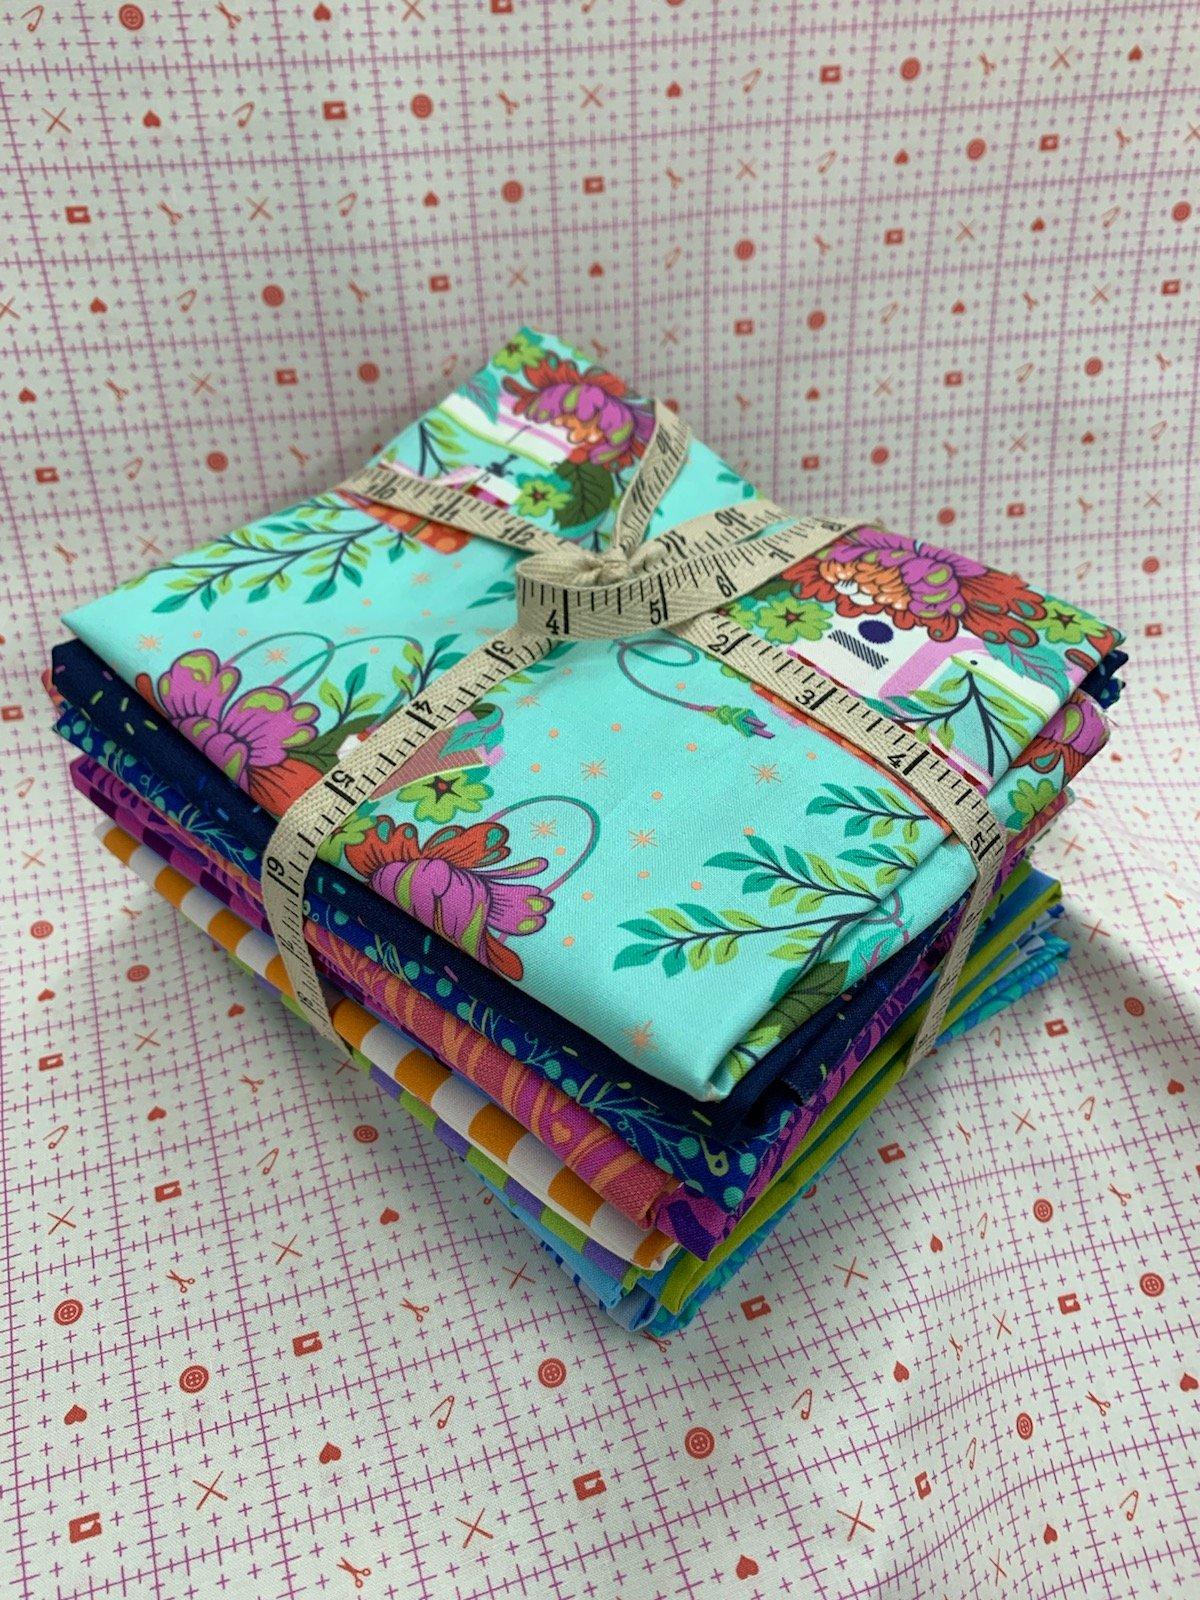 Free Spirit Tula Pink HomeMade Half Yard Bundle